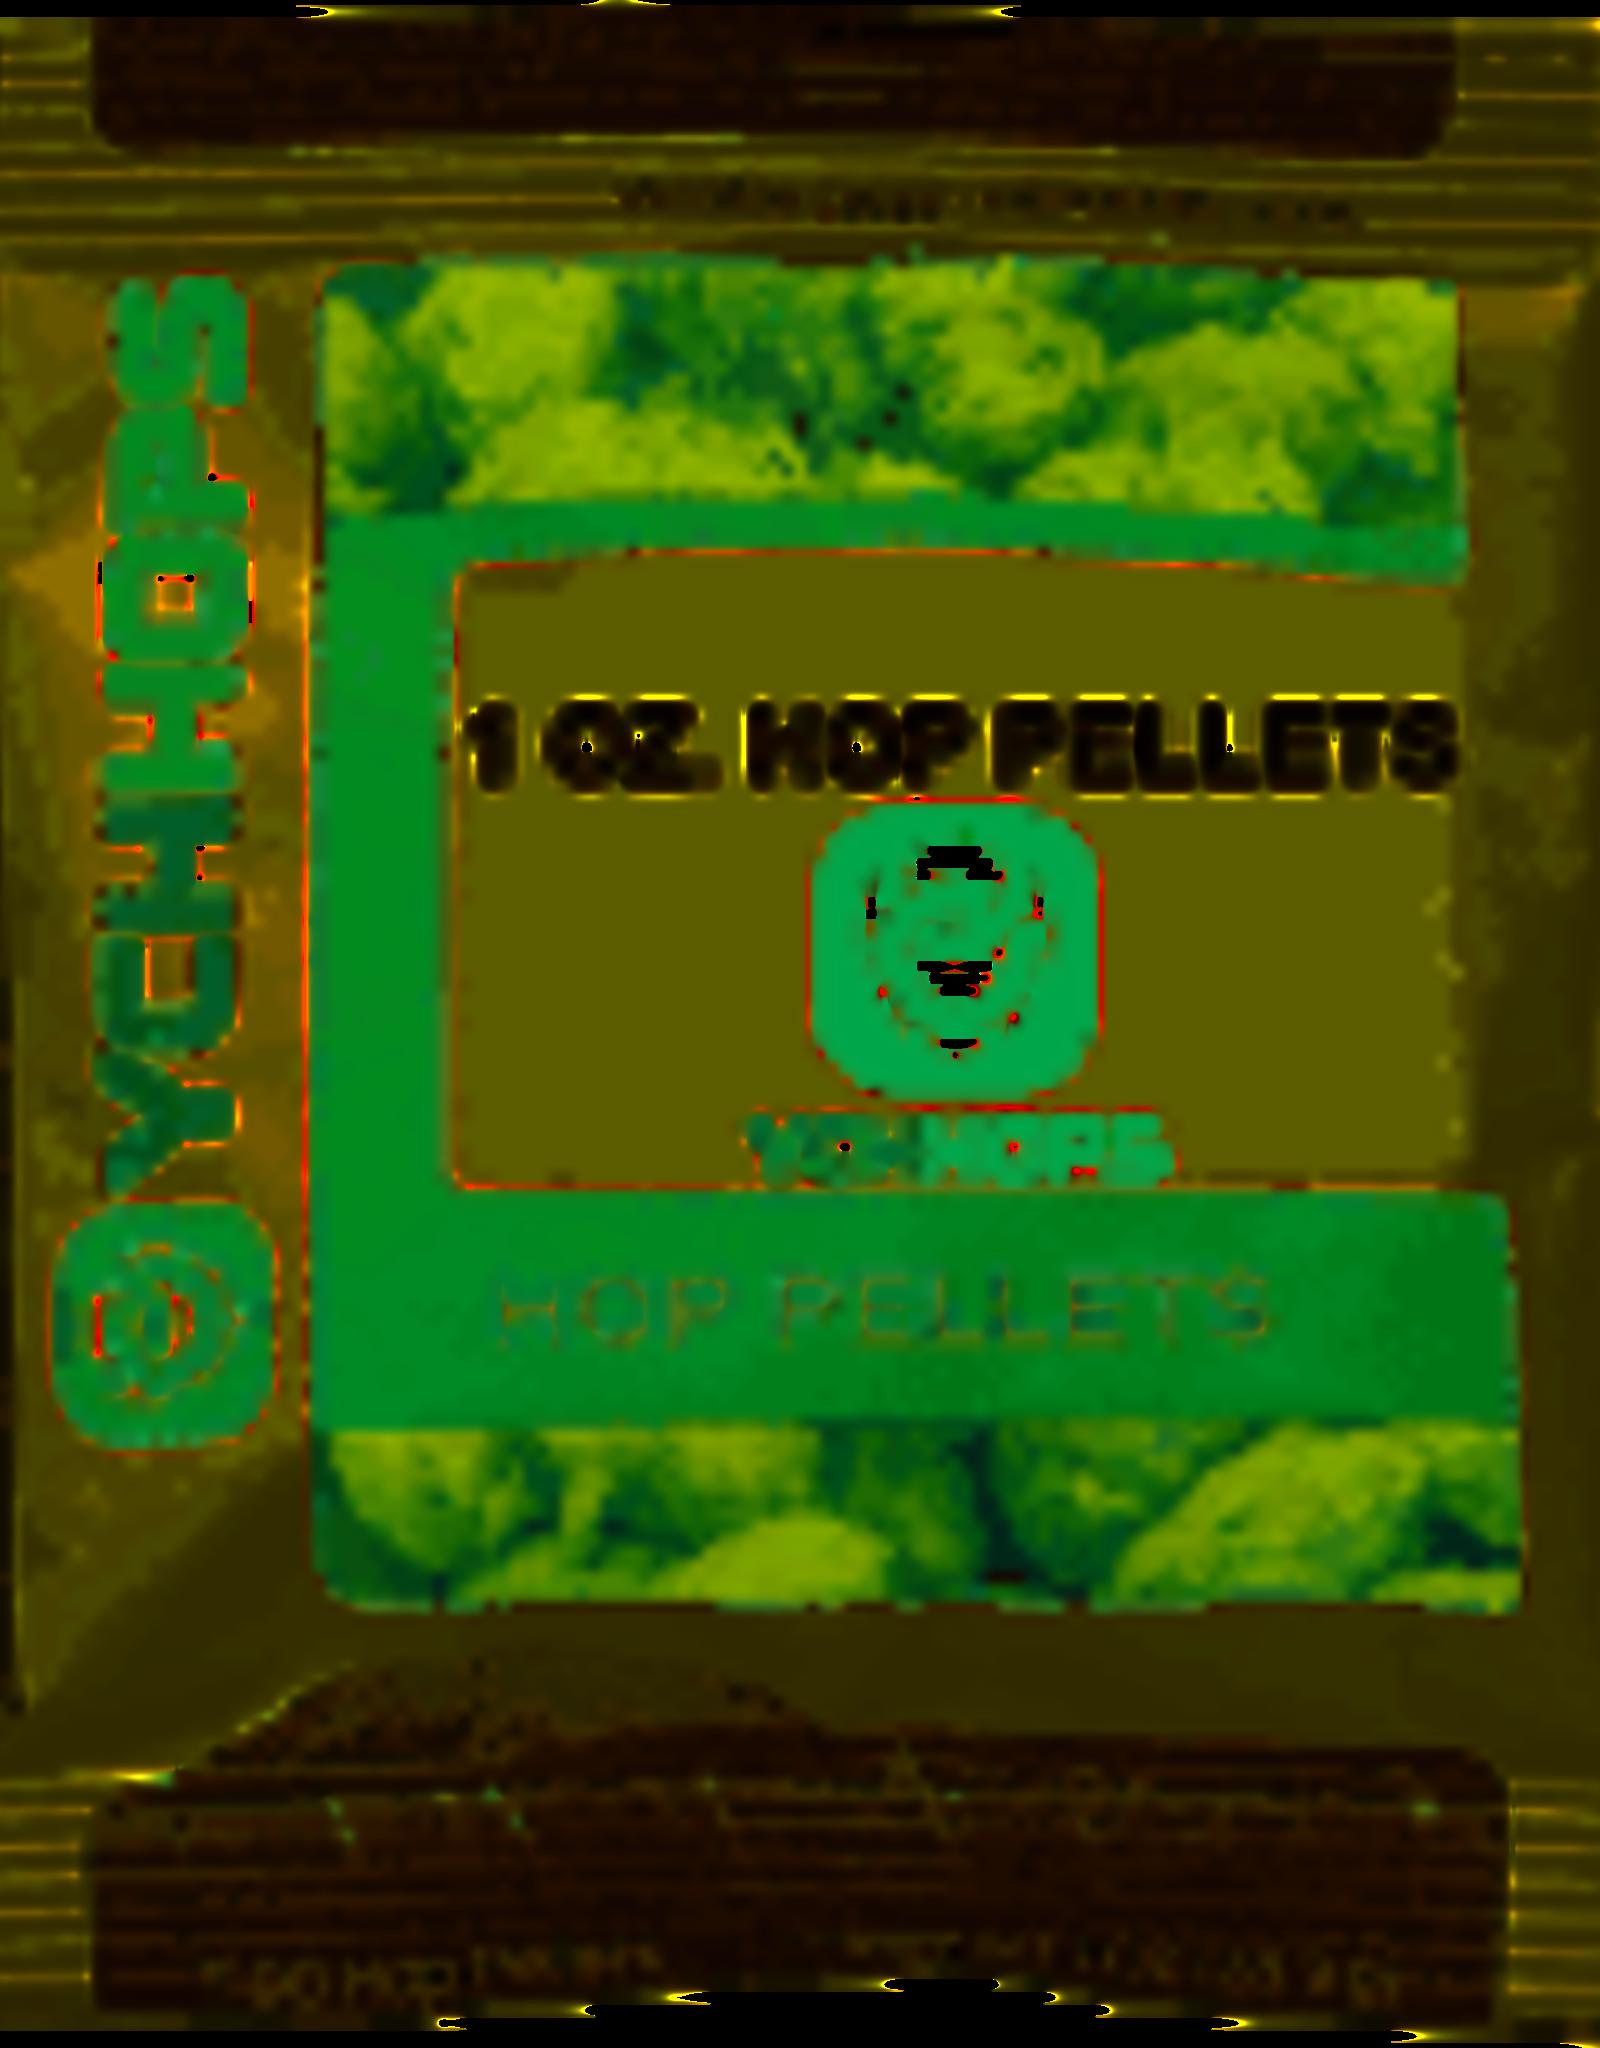 COMET HOP PELLETS 1 OZ